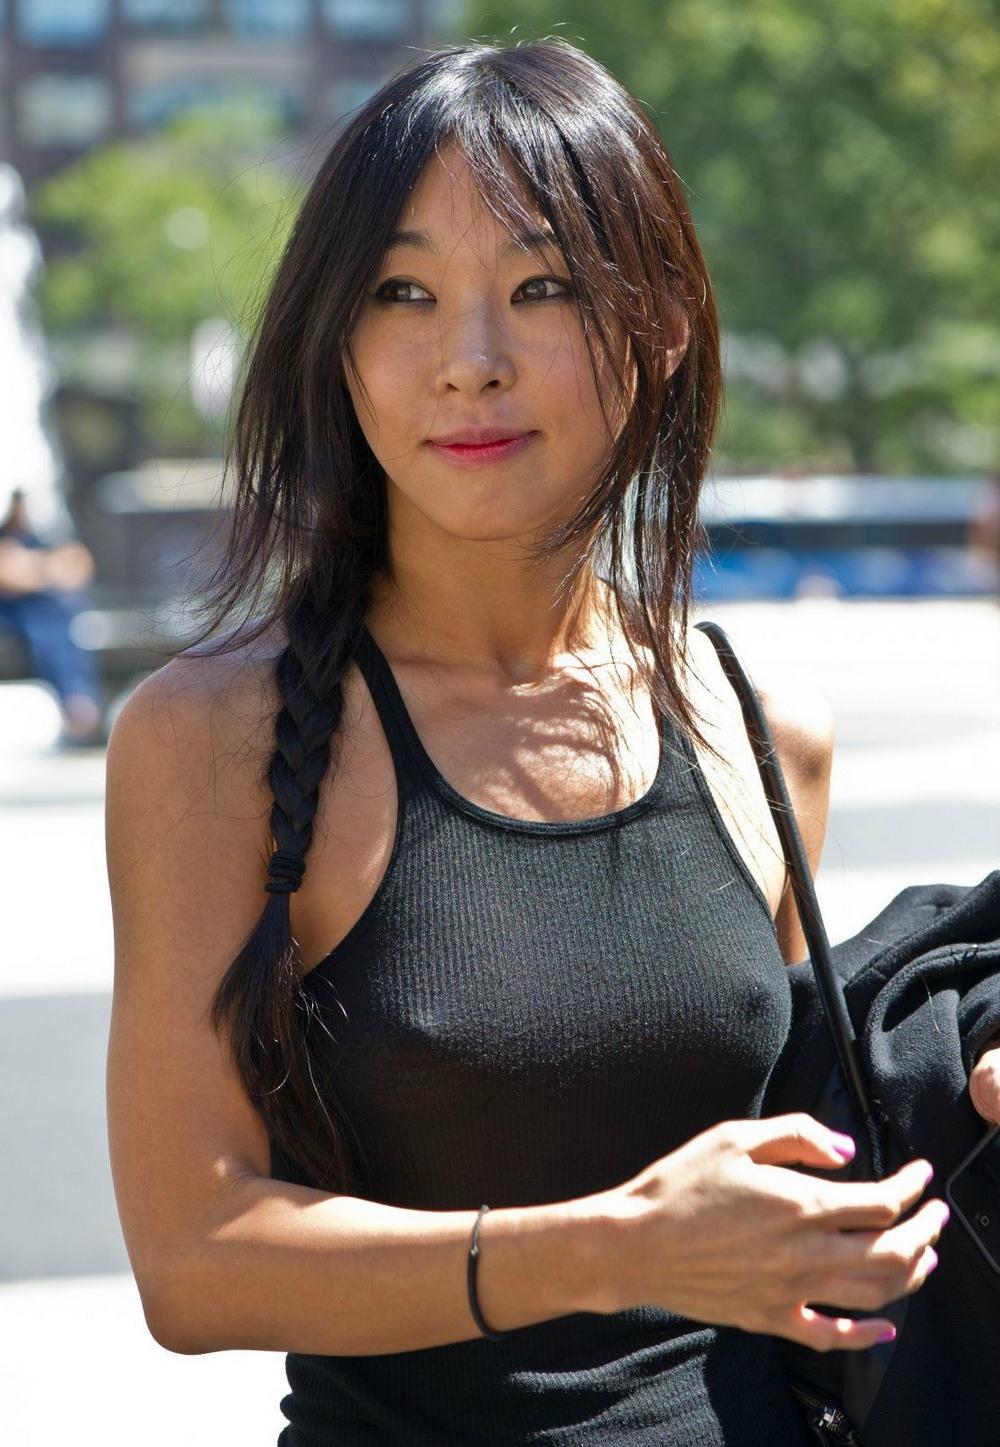 Китайские девушки красивые или нет